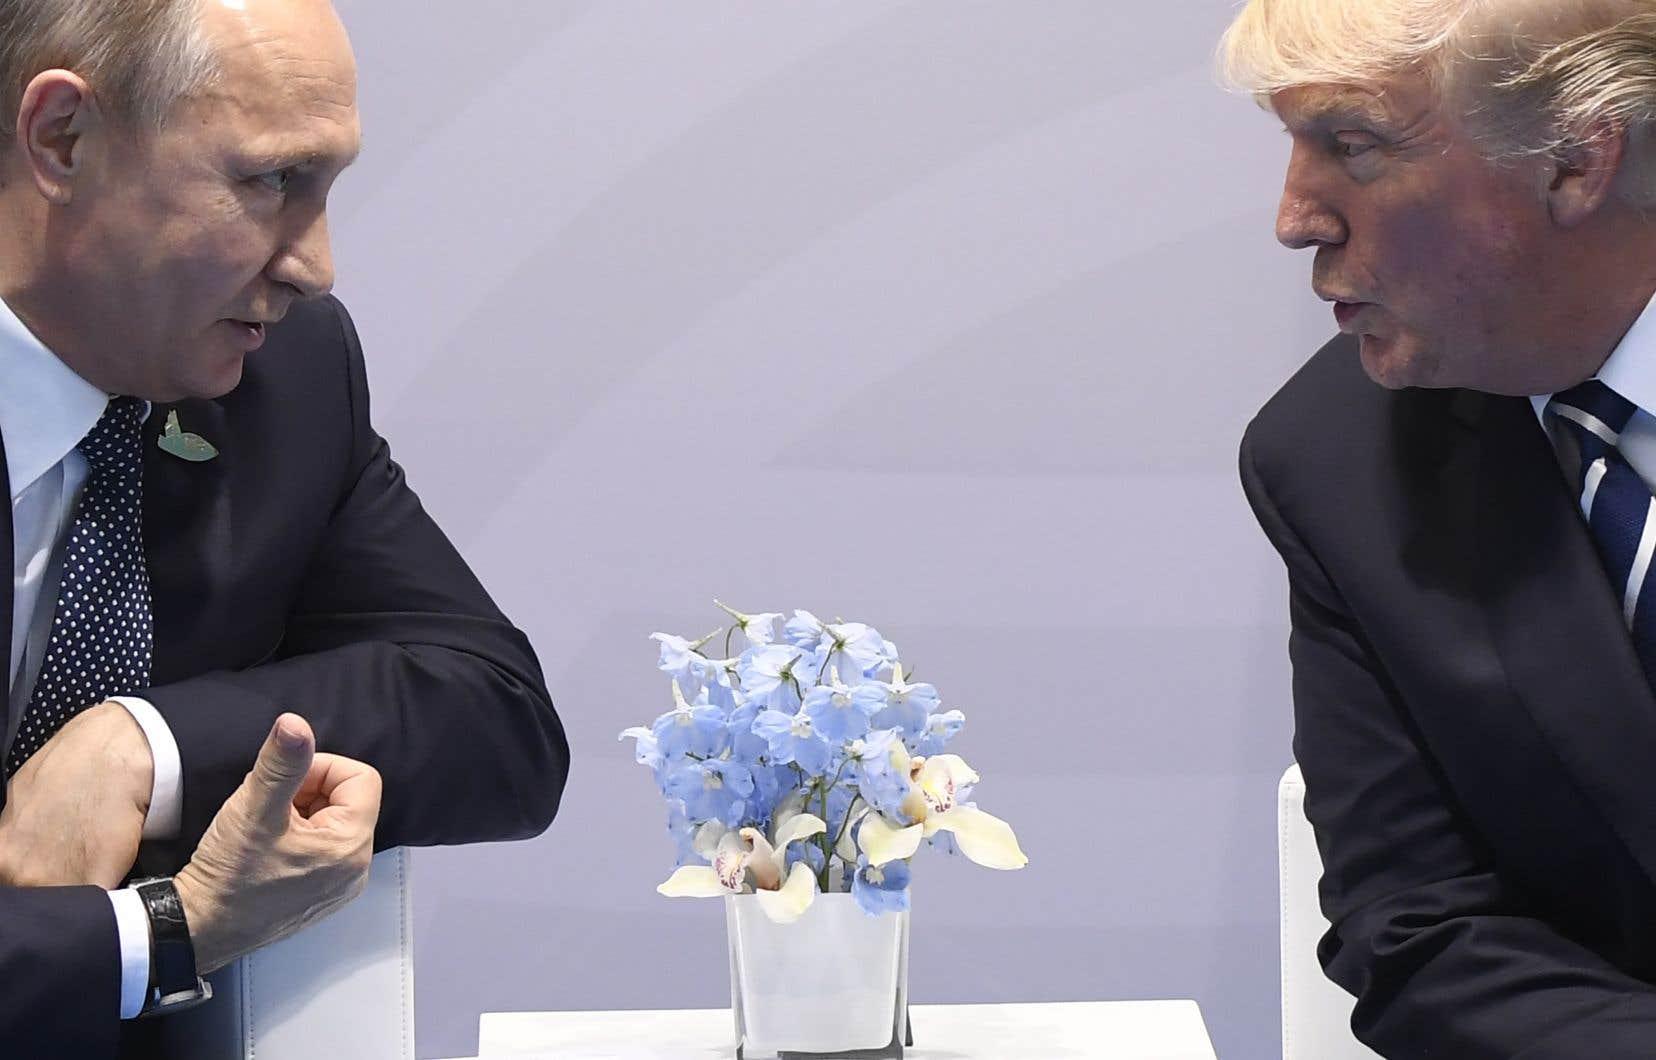 Les présidents Donald Trump et Vladimir Poutine s'étaientrencontrés en Allemagneen juillet dernier.